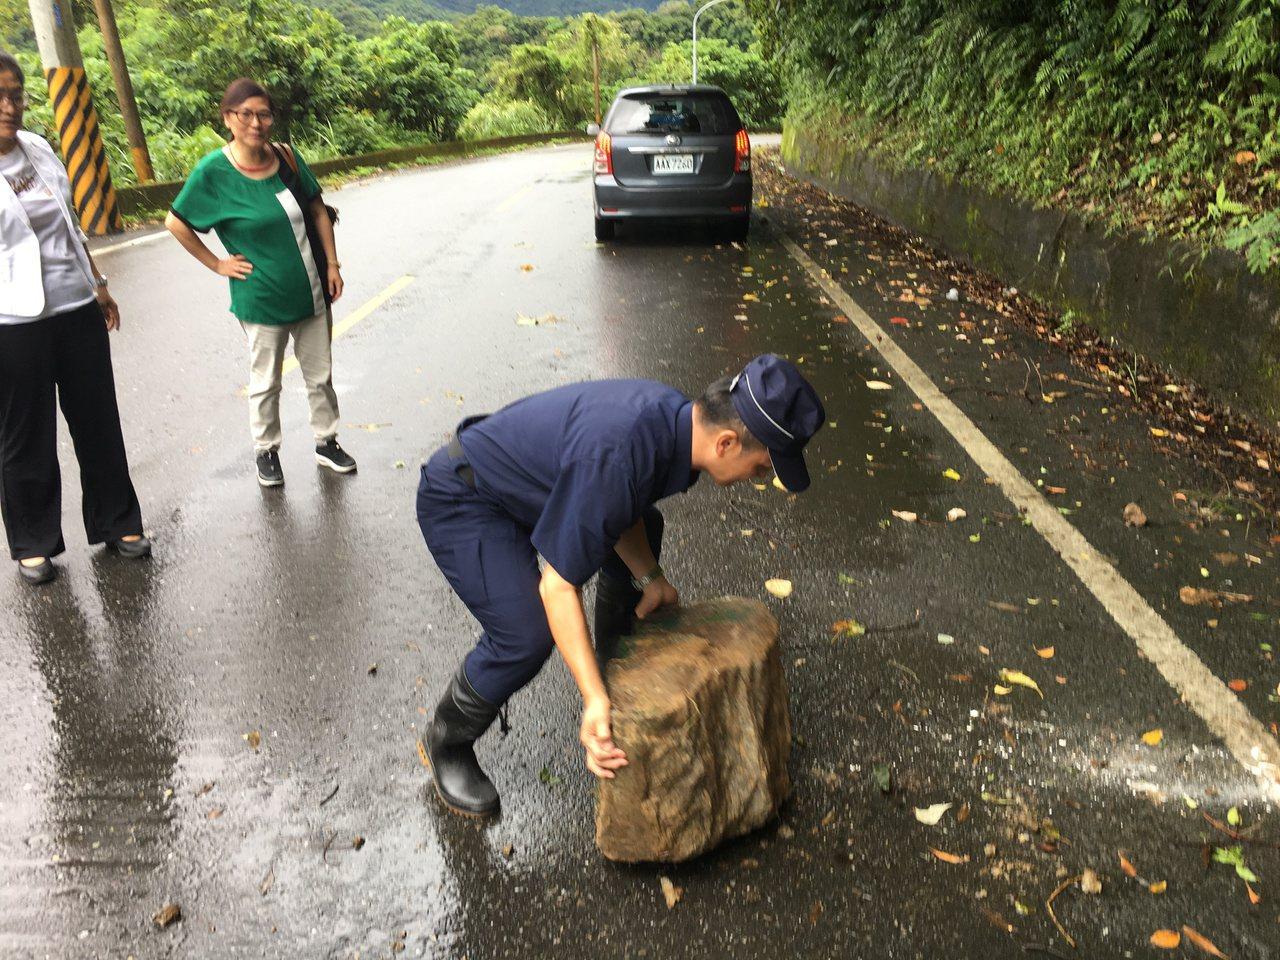 颱風「白鹿」帶來強風豪雨,蘇花公路南澳鄉武塔村橫山路段,有大石掉落在路上,蘇澳警...